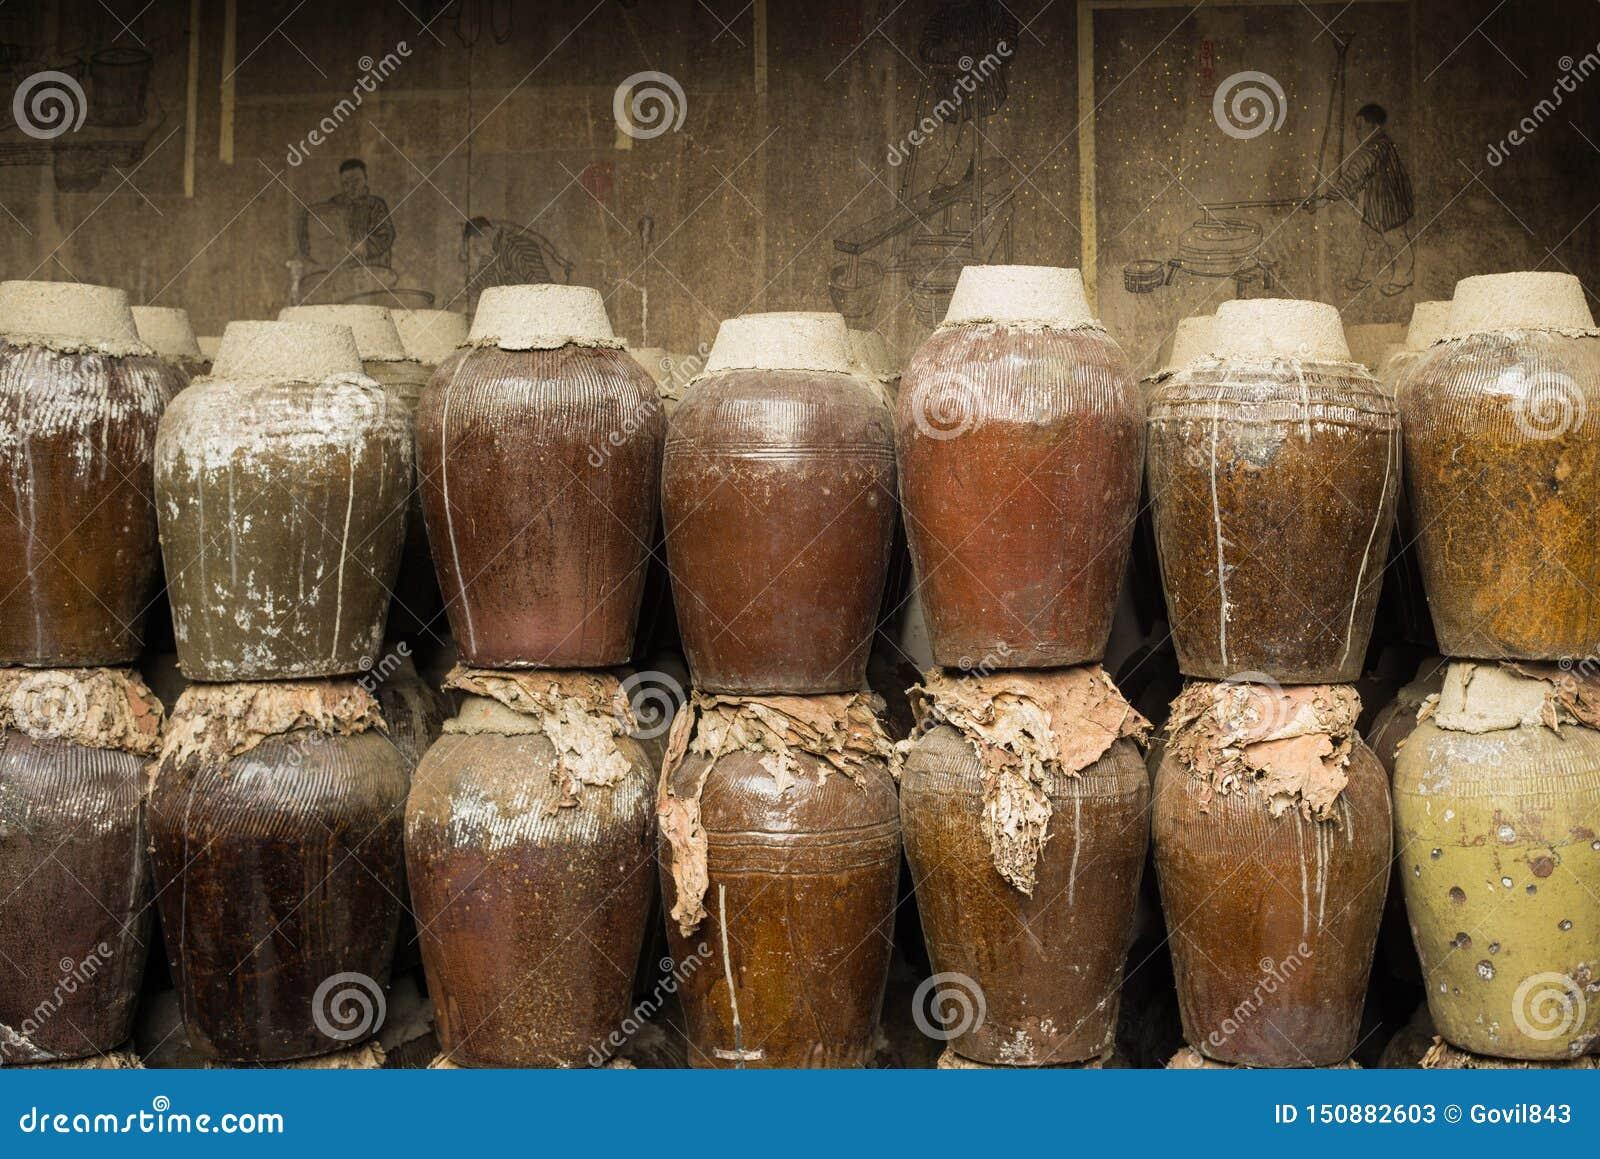 Μια ομάδα σφραγισμένου κεραμικού βαρελιού μπύρας, που αποθηκεύεται σε ένα εργοστάσιο μπύρας στην πόλη νερού Zhouzhuang, Κίνα